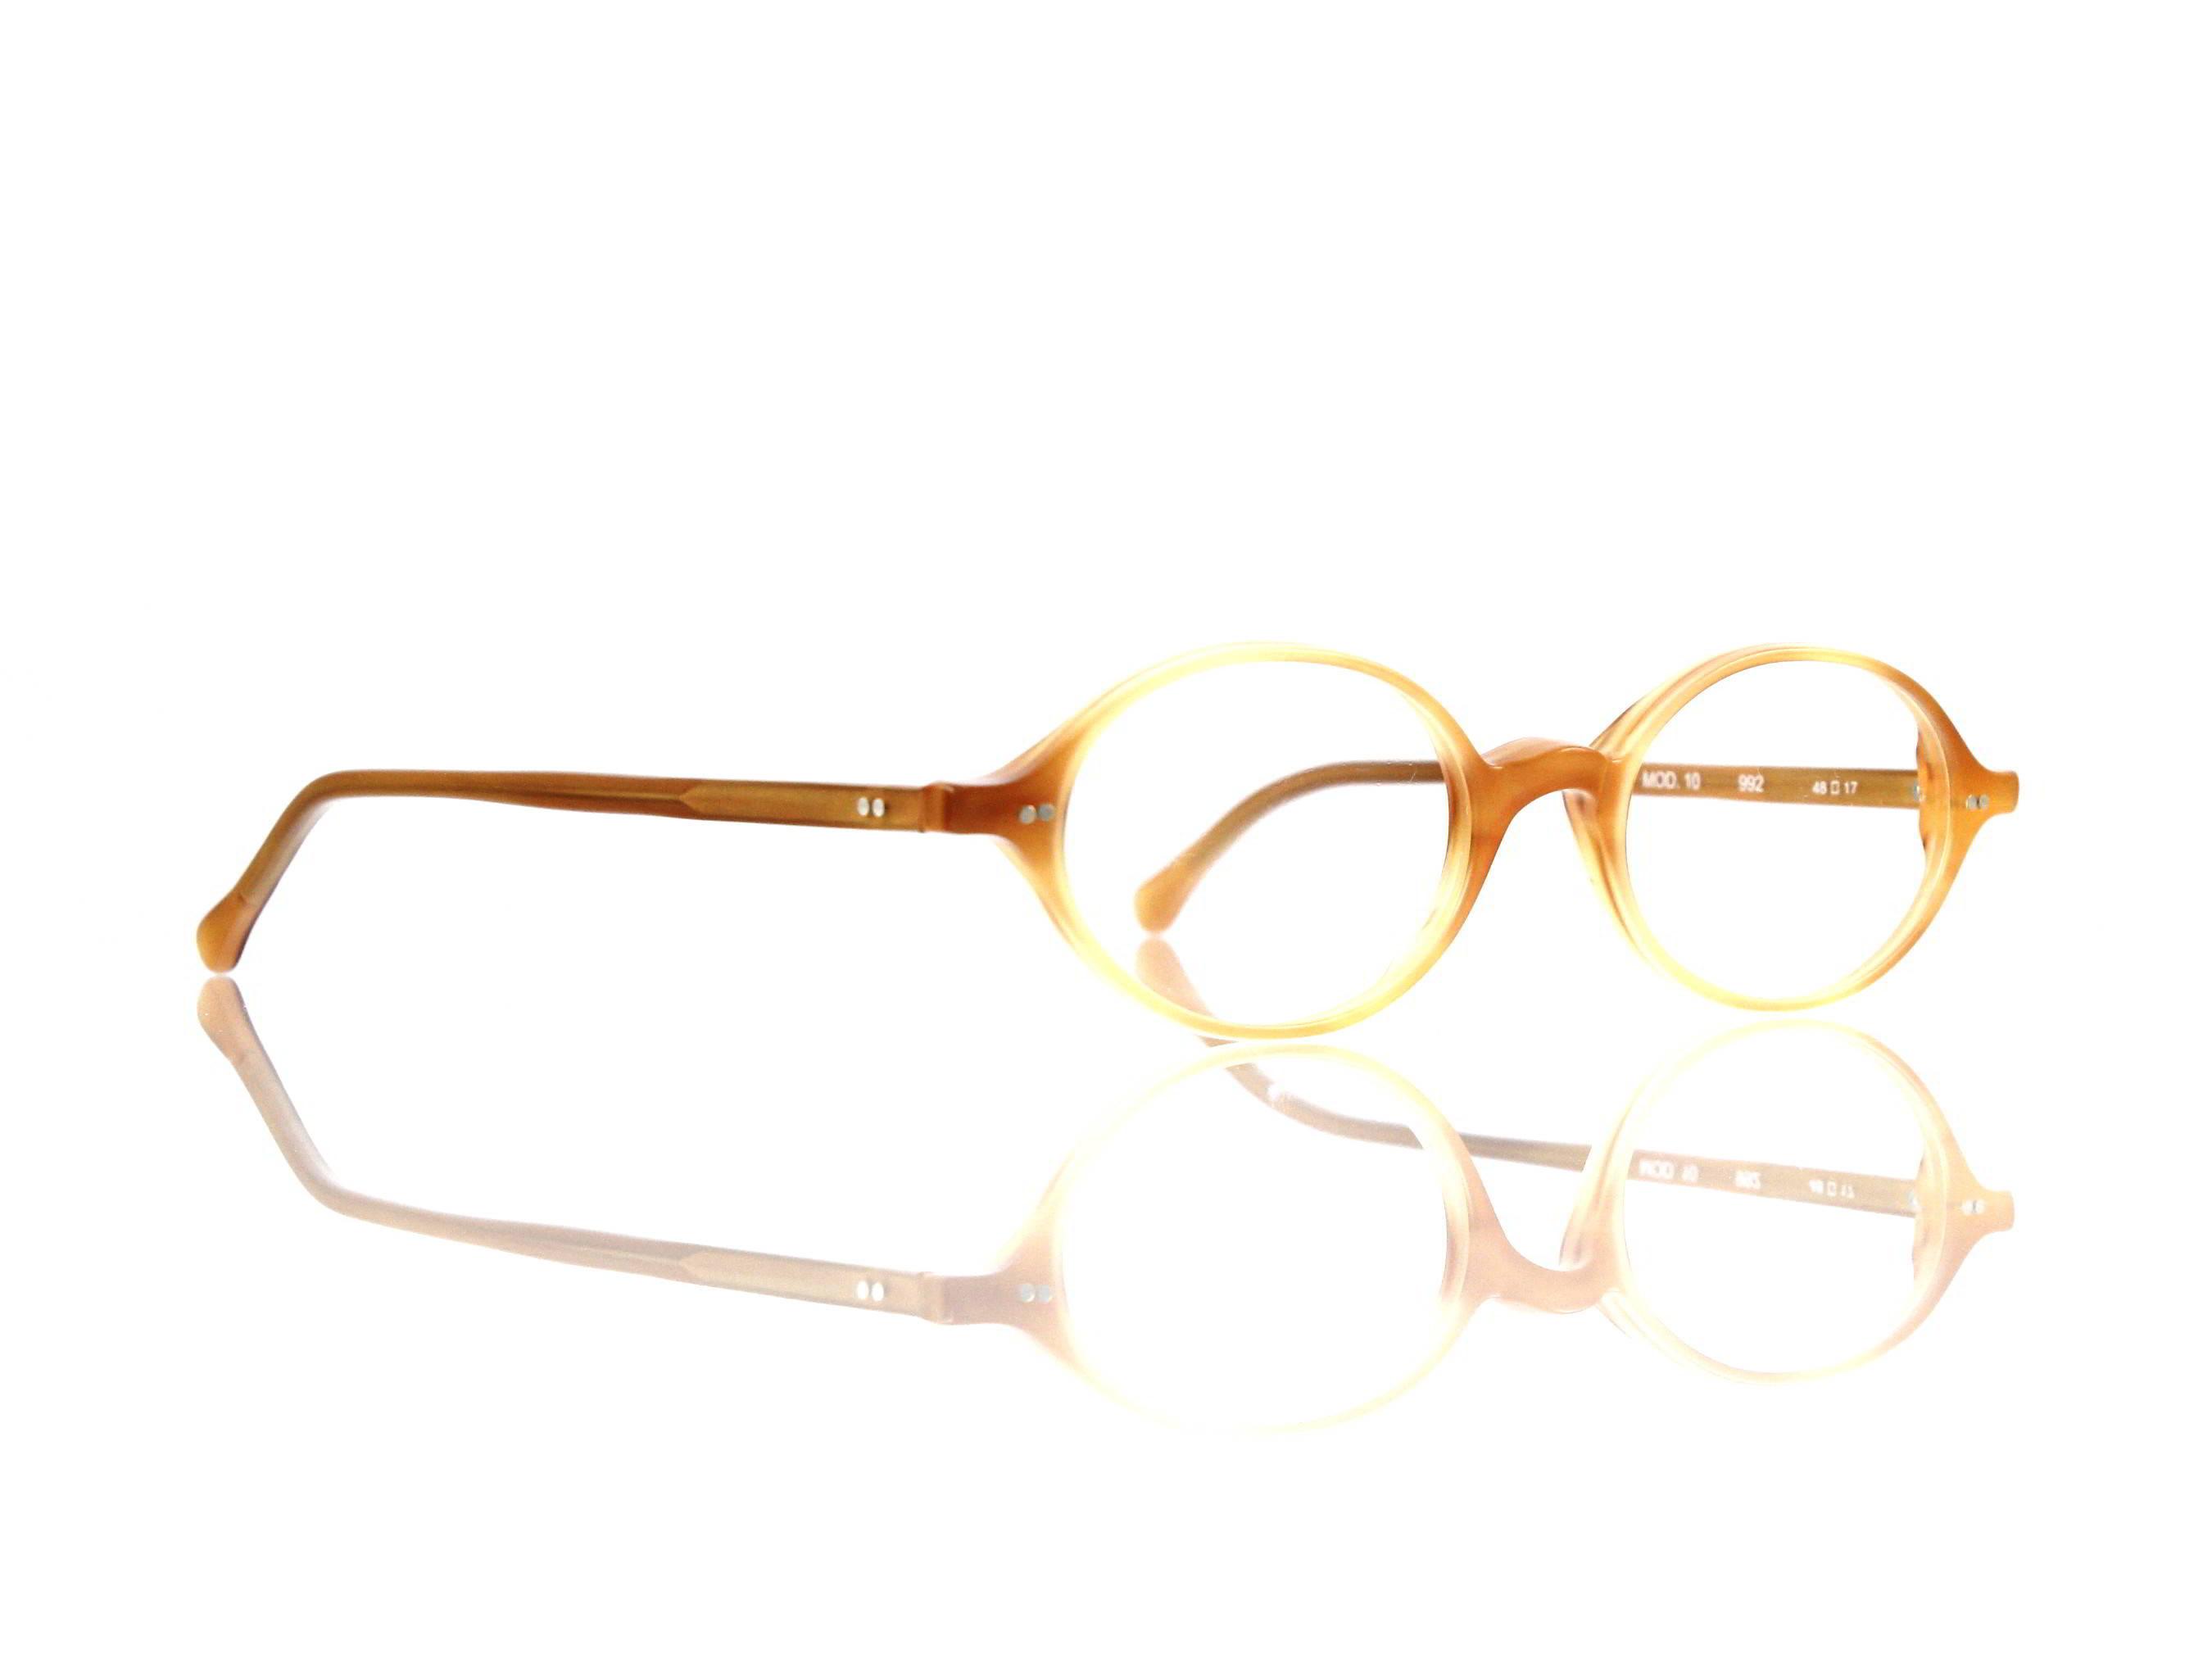 Braun Classics Eyewear Mod. 10 Col. F 992 Größe 48-17-145 mm | Oval ...